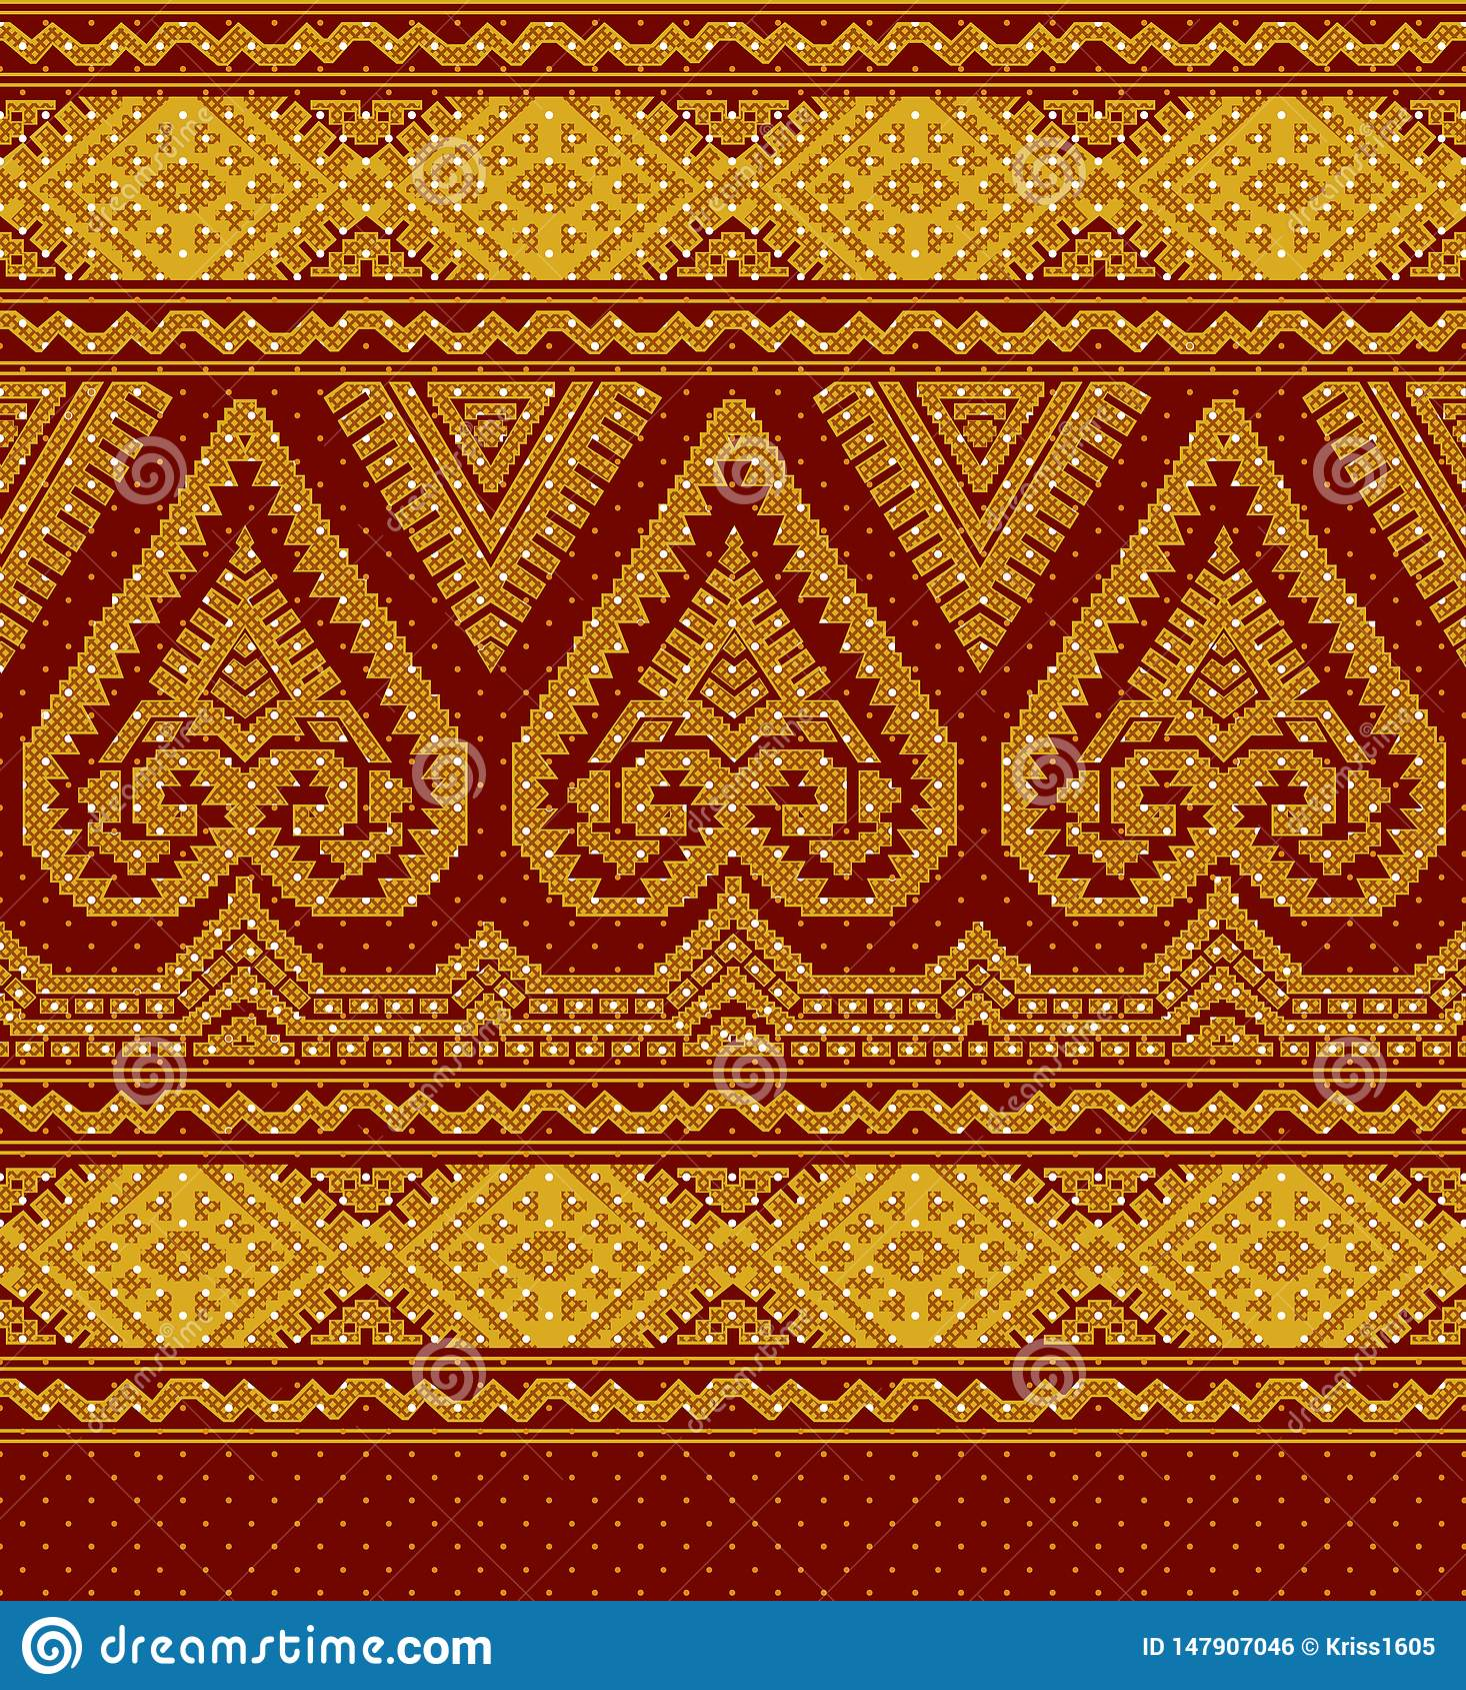 Απεικόνιση της υφαντικής εθνικής διακόσμησης